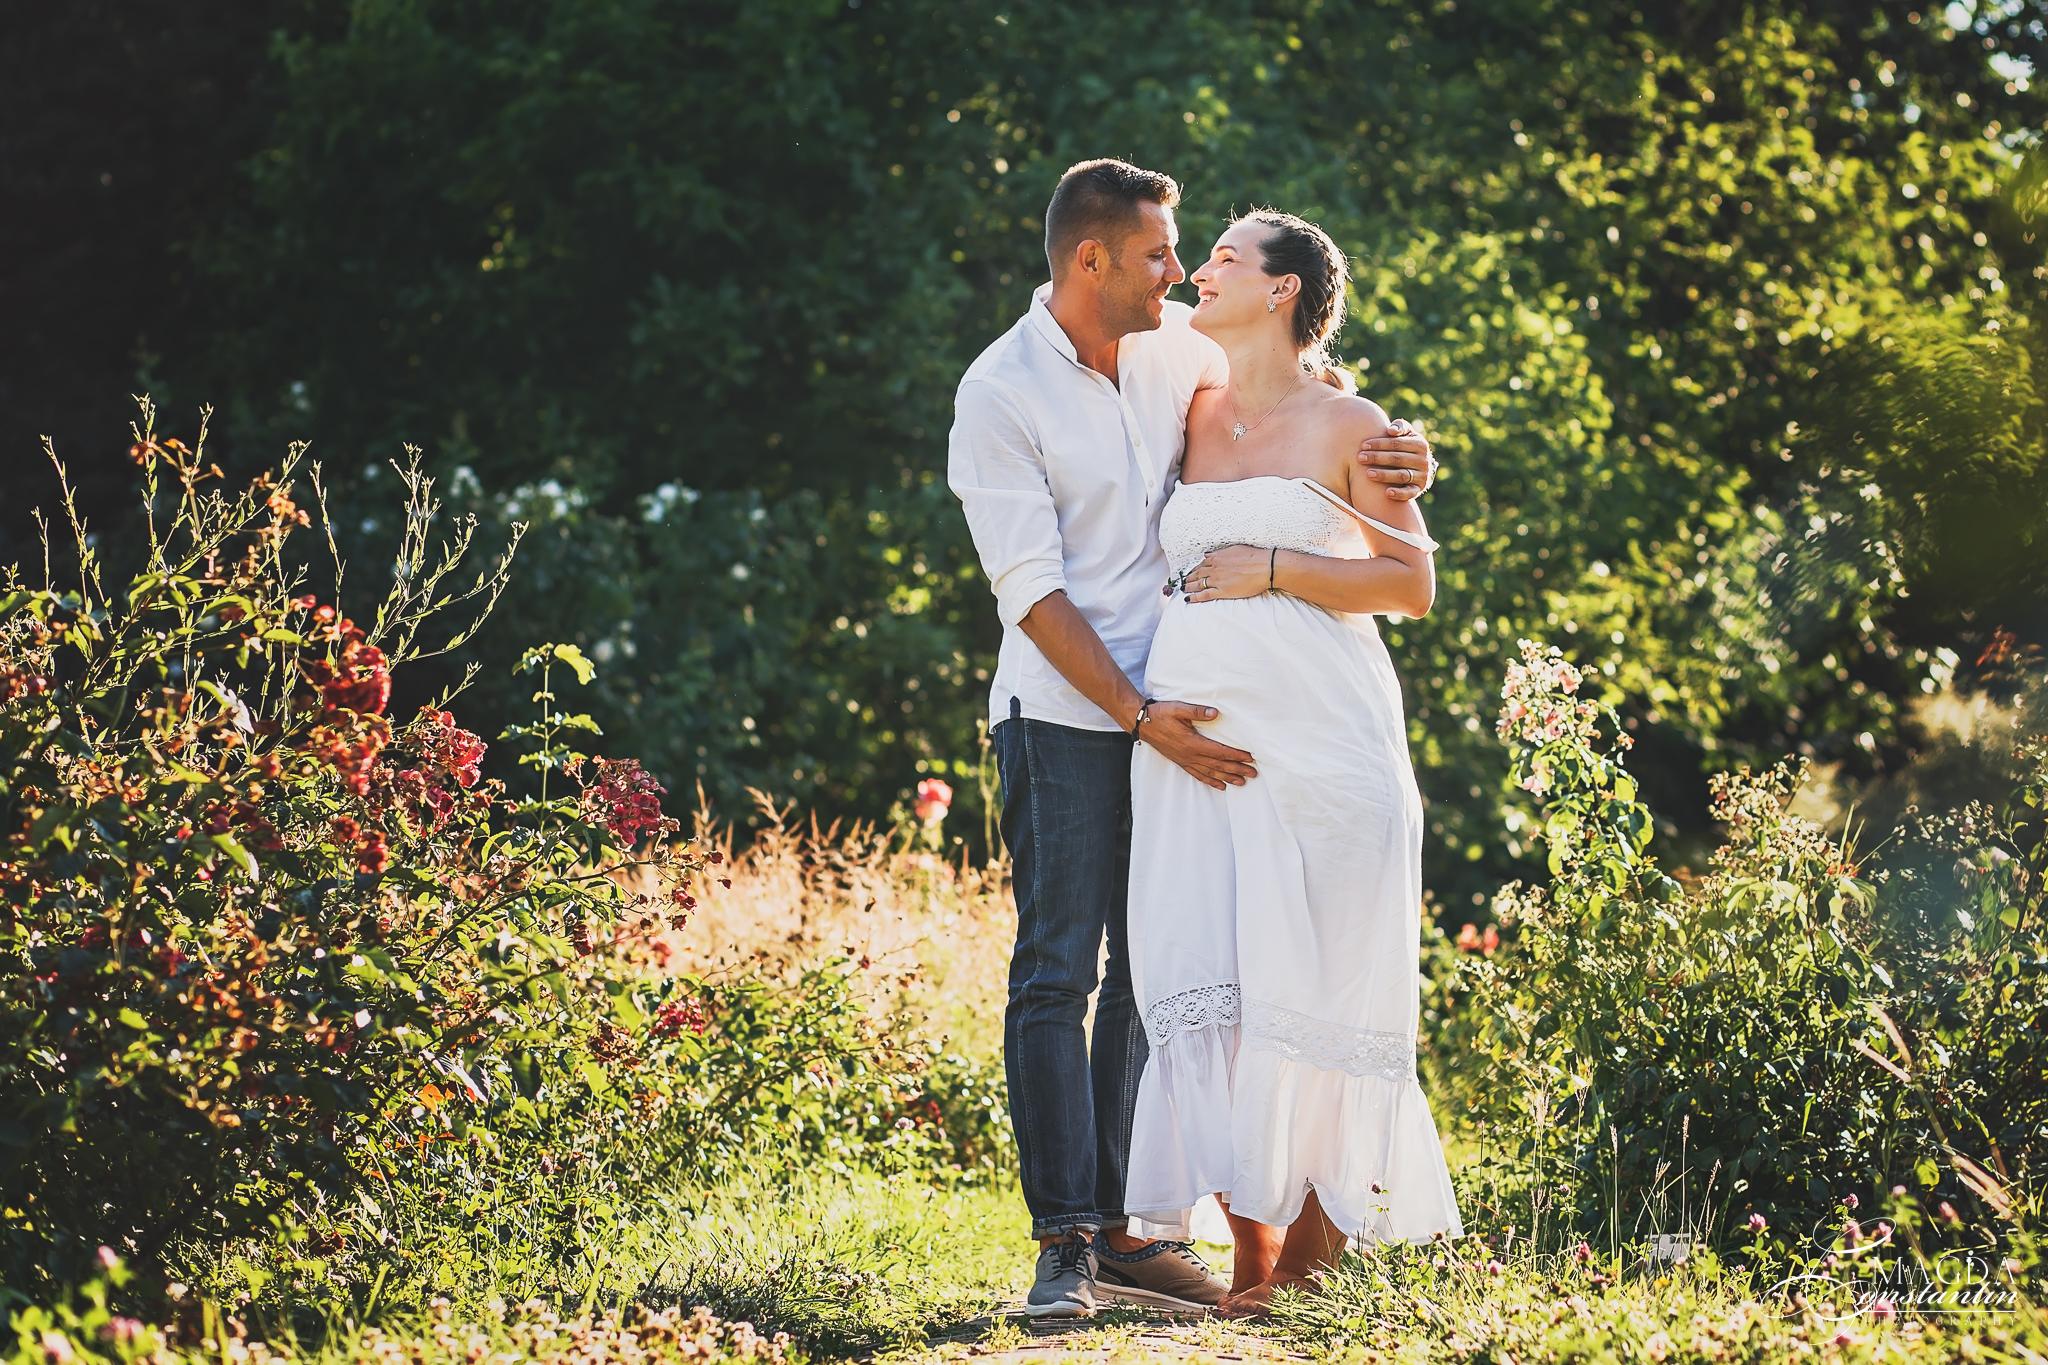 Sedinta foto de maternitate in natura cu stefania si sotul tinandu-se in brate si razand in contra luminii cu trandafiri rosii in gradina botanica